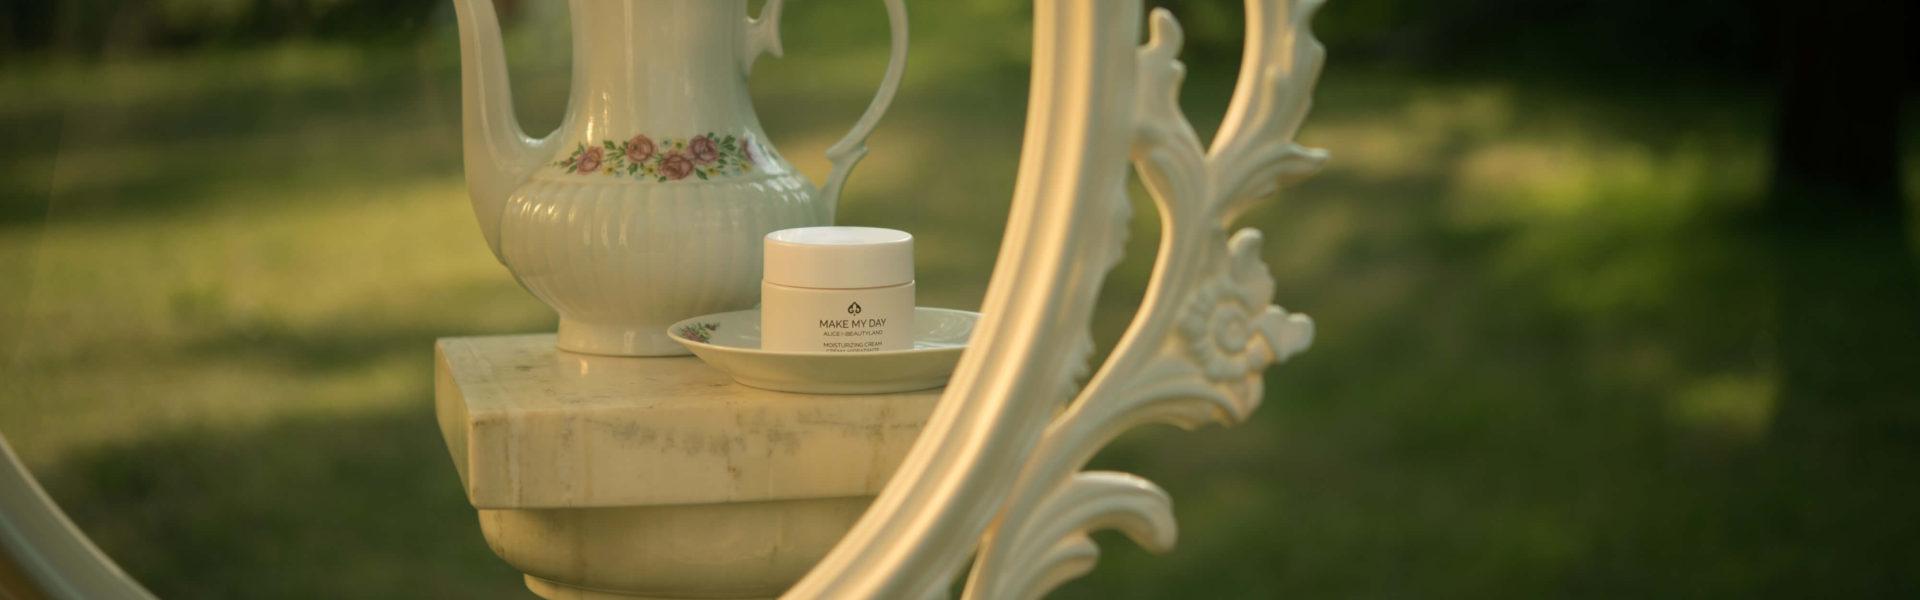 Make my day con tetera - Crema Hidratante con Happy Skin